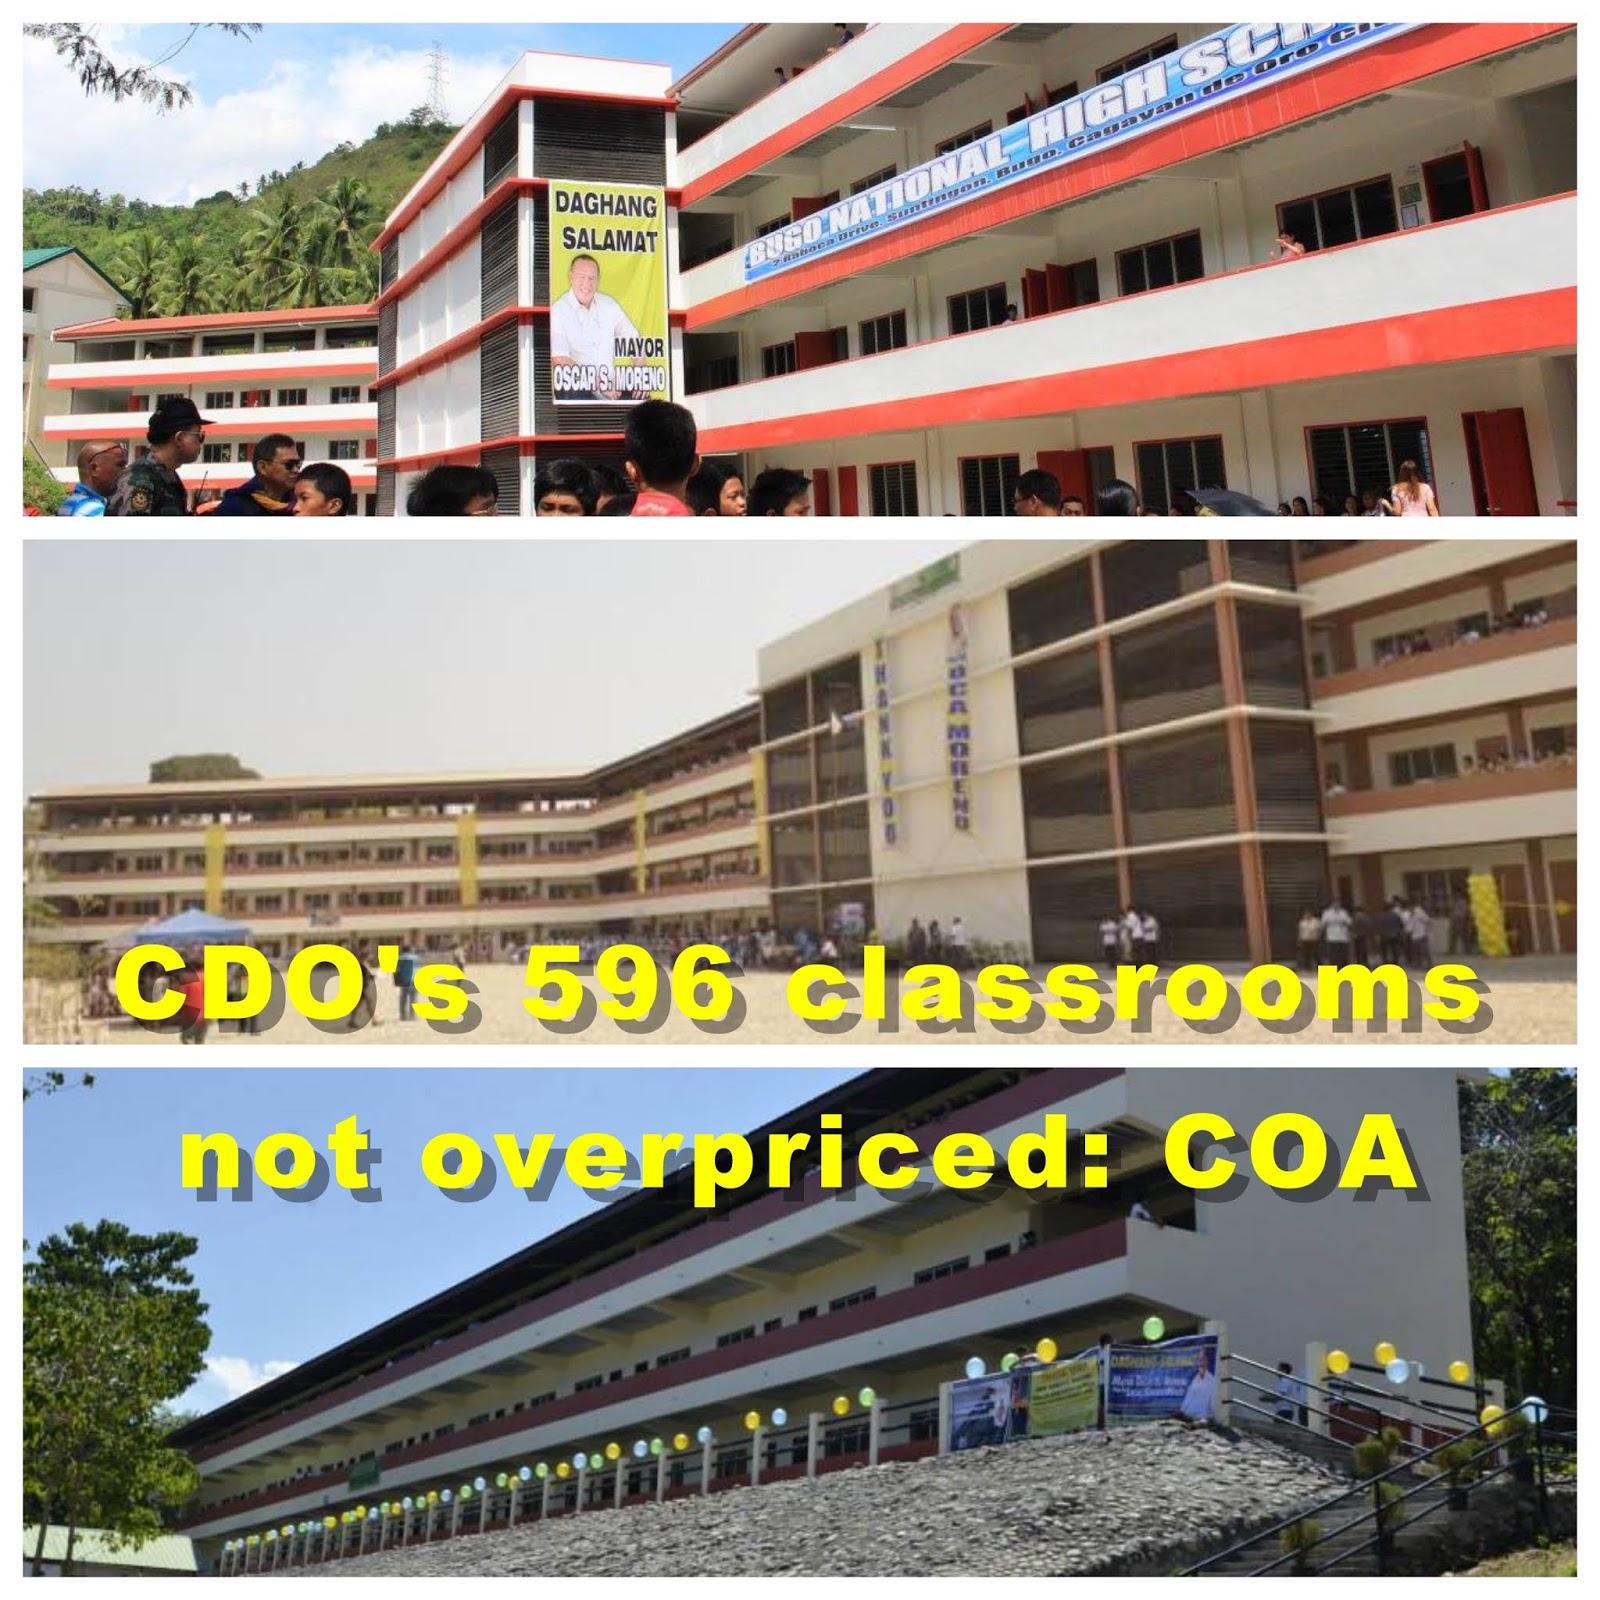 CDO's 596 classrooms not overpriced: COA